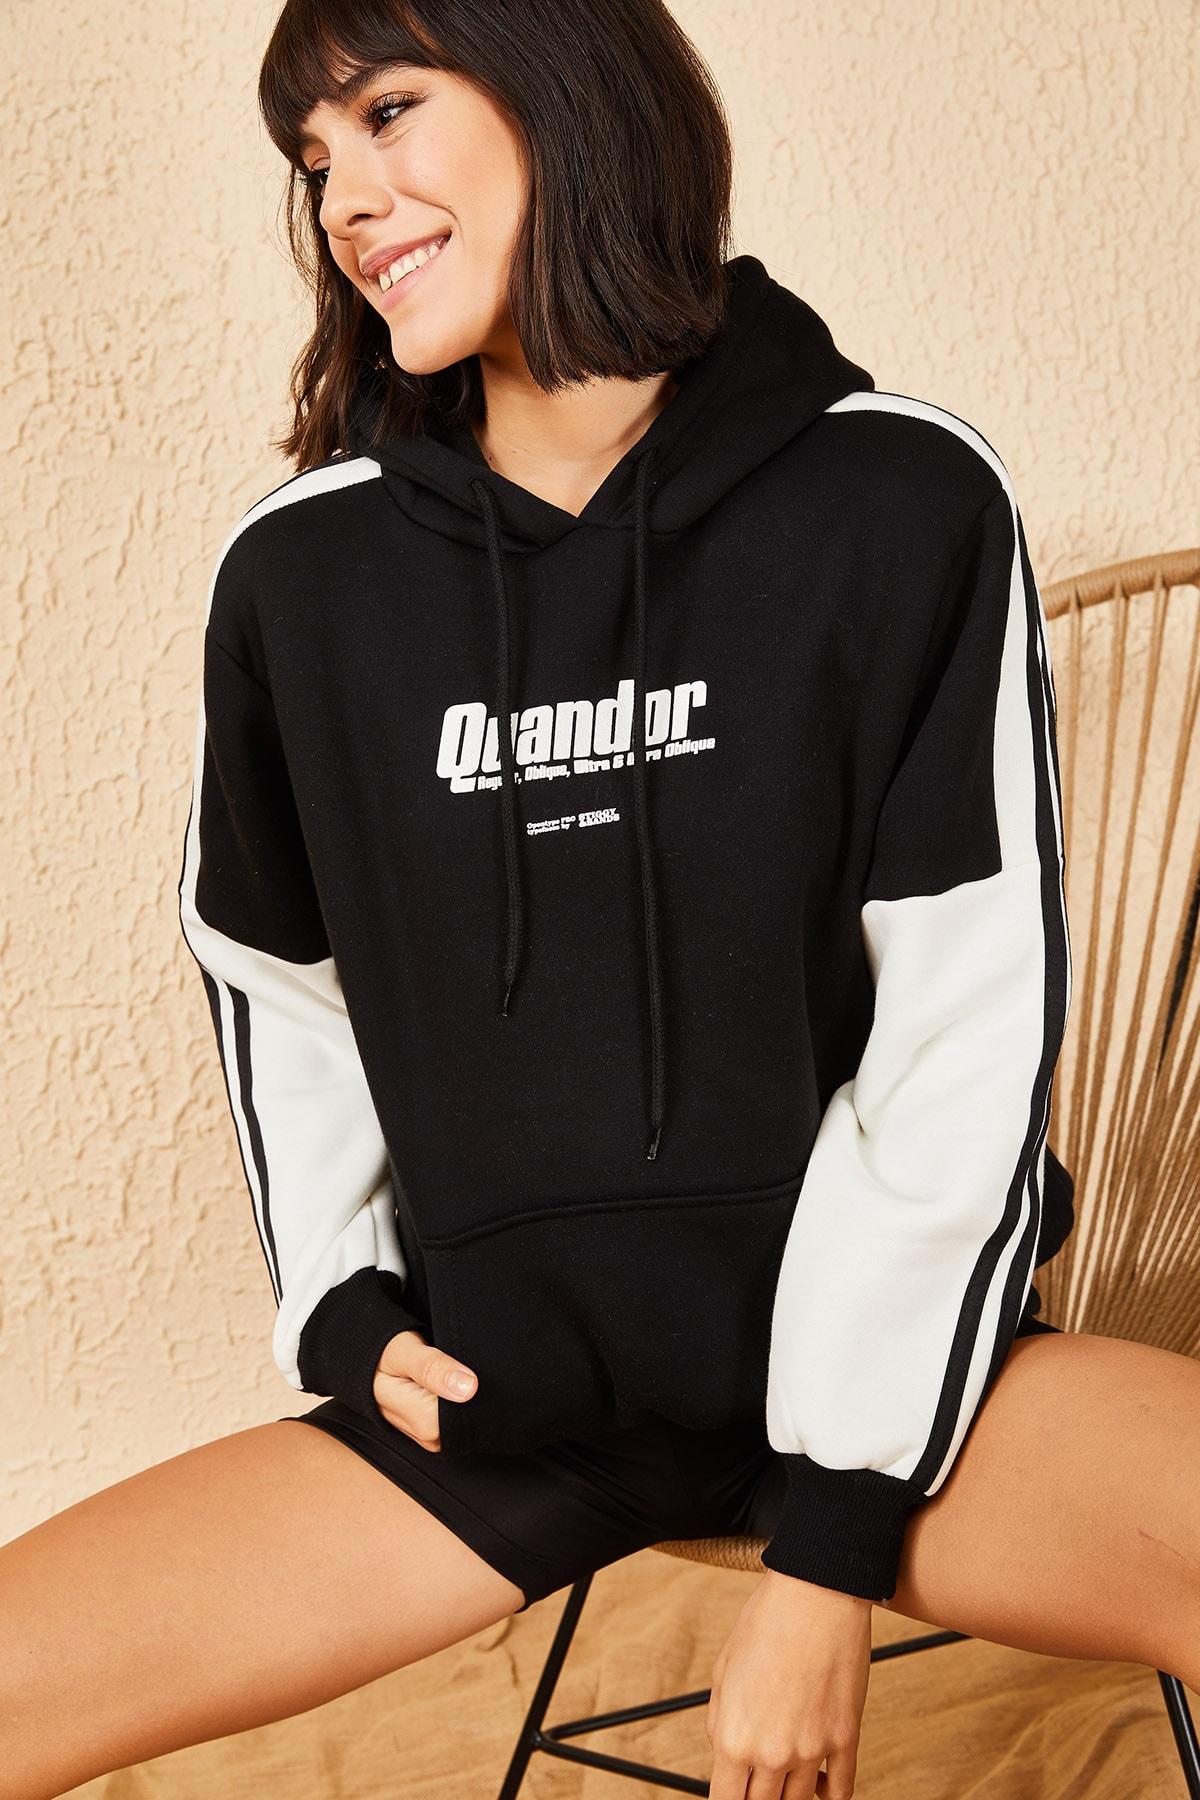 Bianco Lucci Kadın Siyah Quandor Baskılı İçi Pamuklu 3 İplk Sweatshirt 10171011